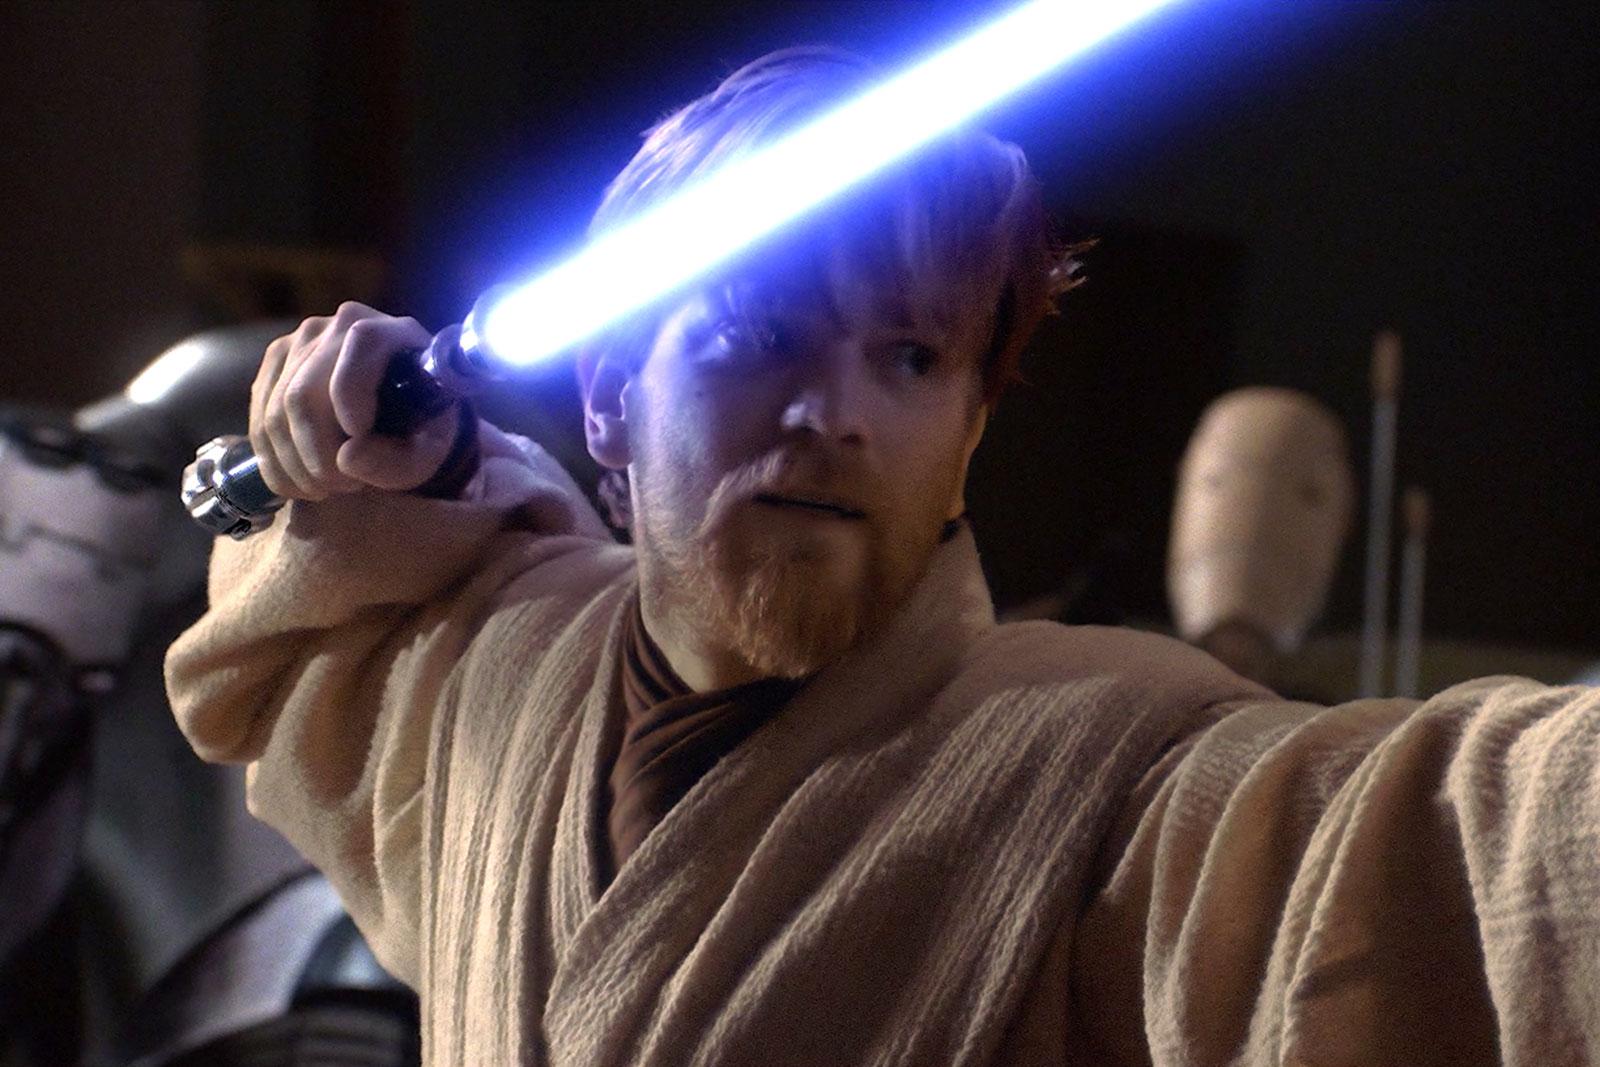 Disney+ will start shooting 'Obi-Wan Kenobi' in April | Engadget